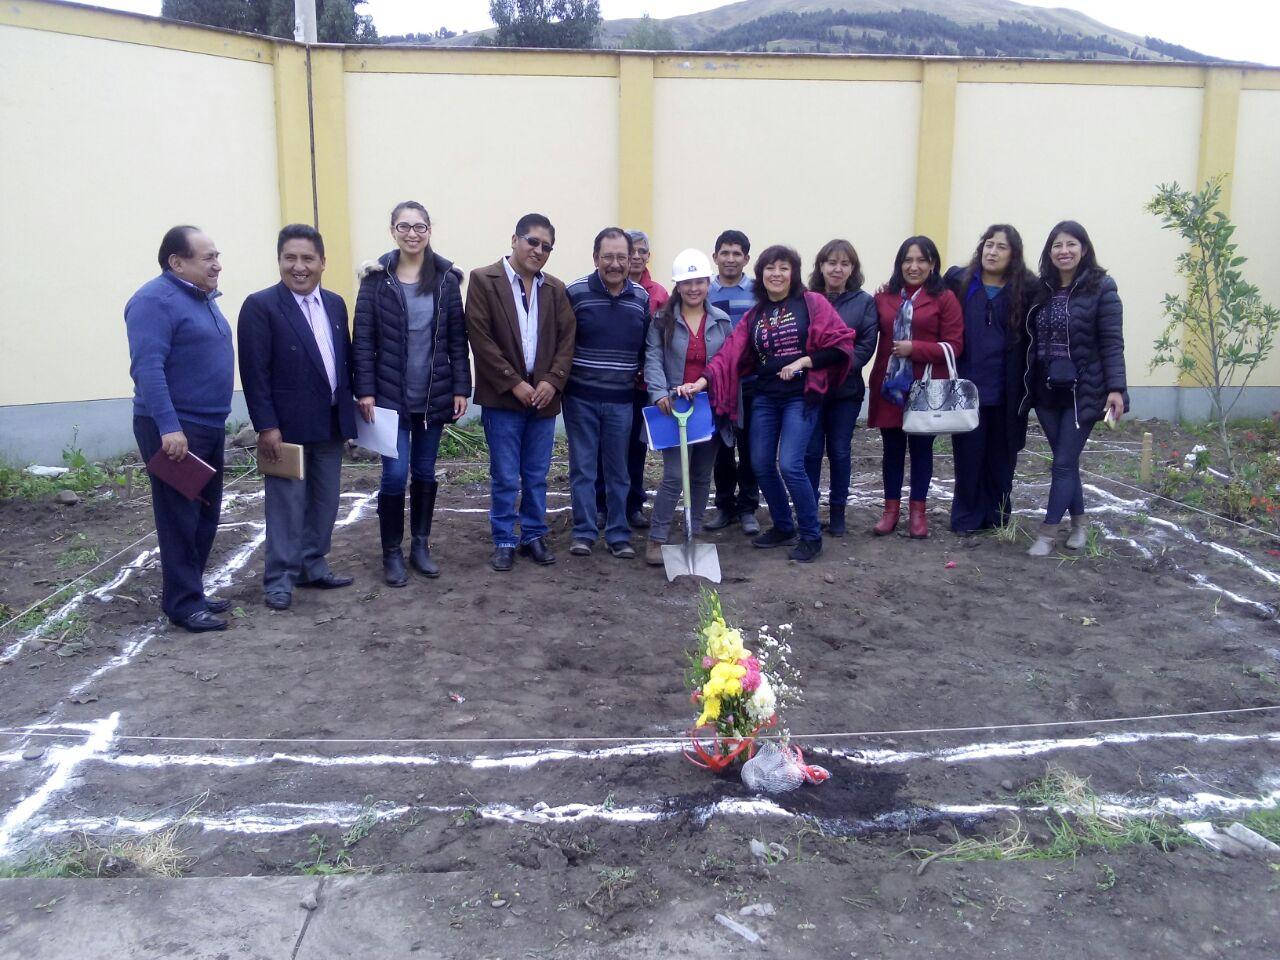 Empleo | Técnico/a cooperante para Convenio AECID en Perú